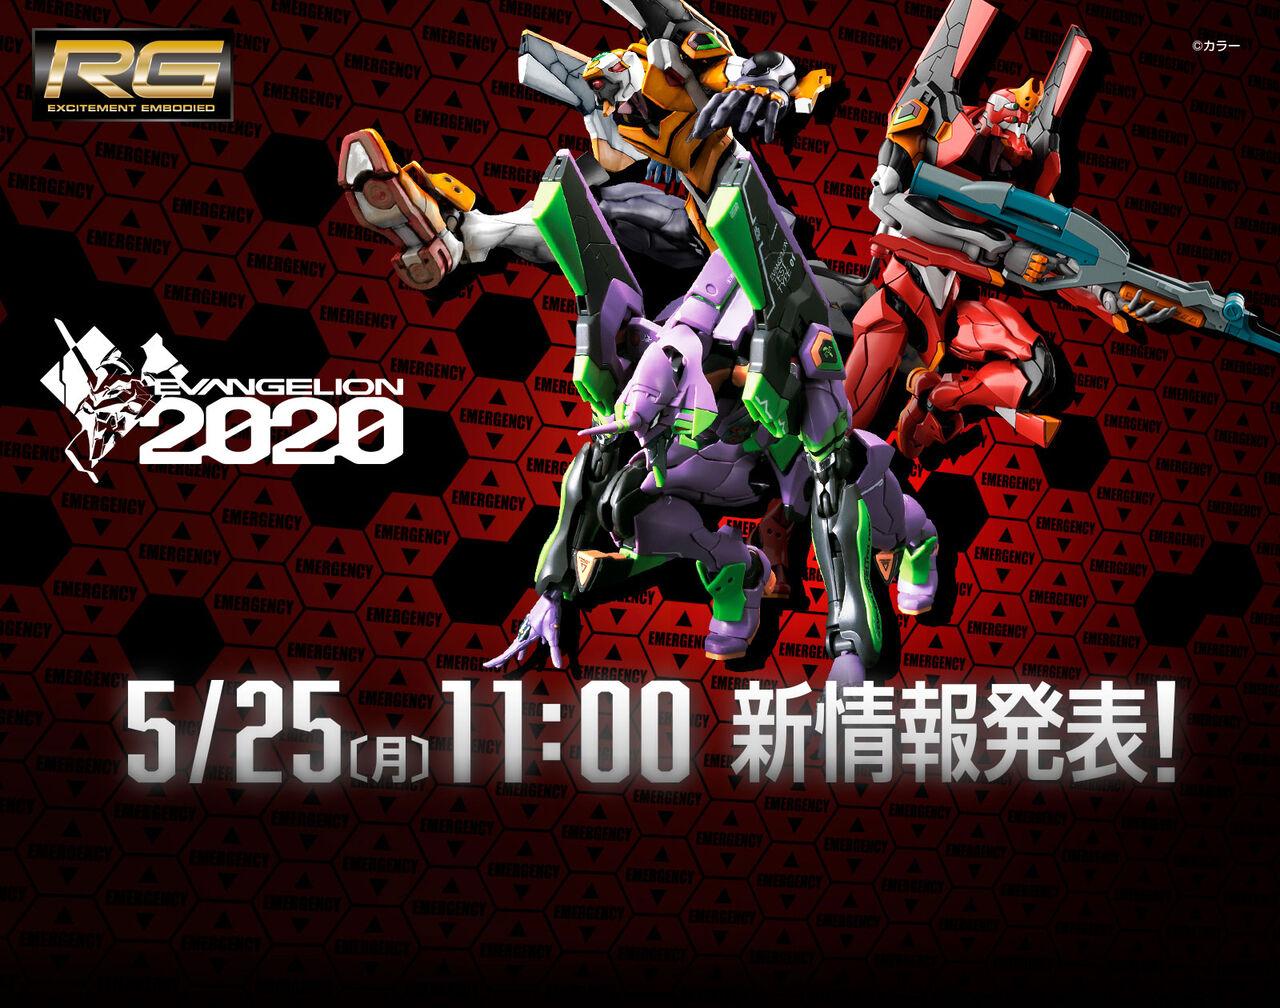 5月25日(月)、エヴァプラモRGシリーズの新作情報が発表!